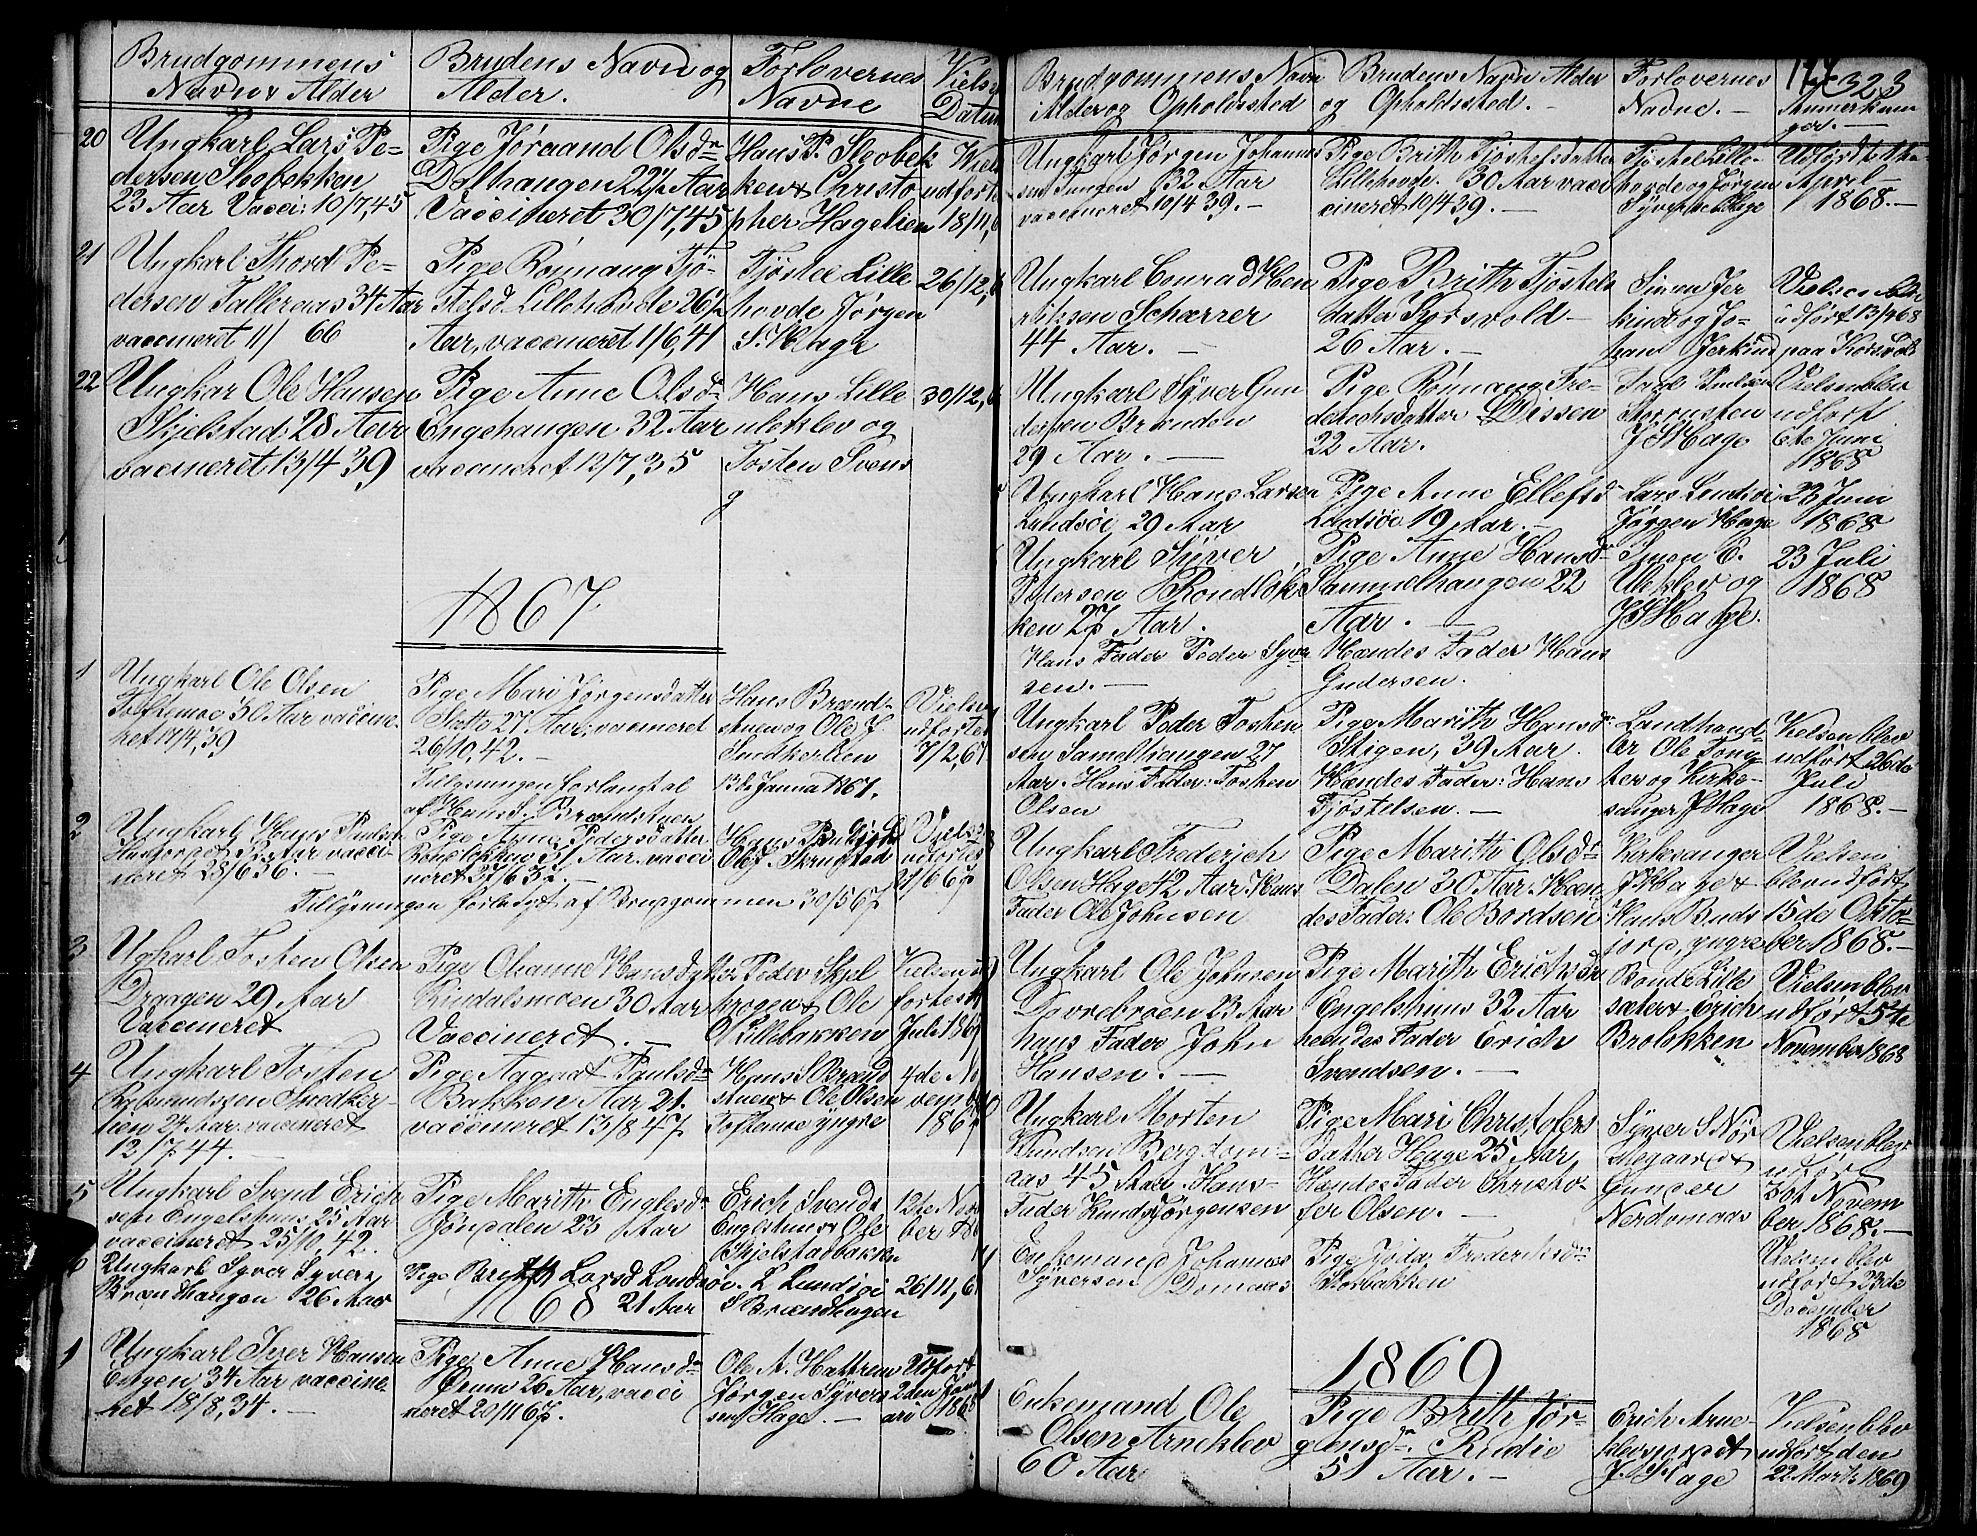 SAH, Dovre prestekontor, Klokkerbok nr. 1, 1862-1880, s. 323